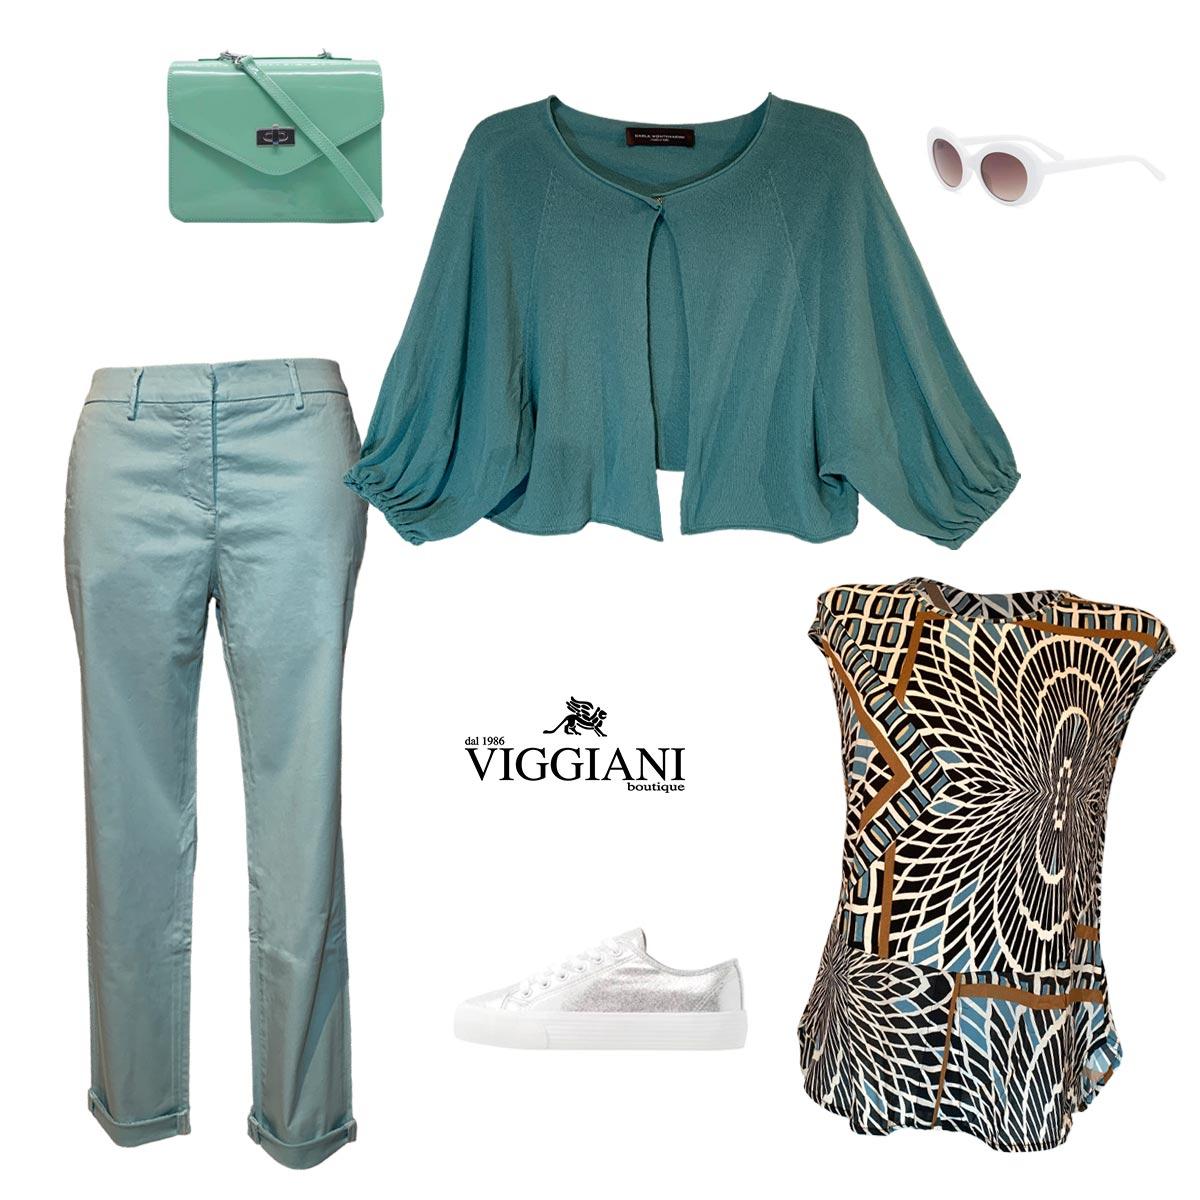 Outfit domenica al parco - Boutique Viggiani - Shopping online - Abbigliamento donna casual e cerimonia a Pisticci